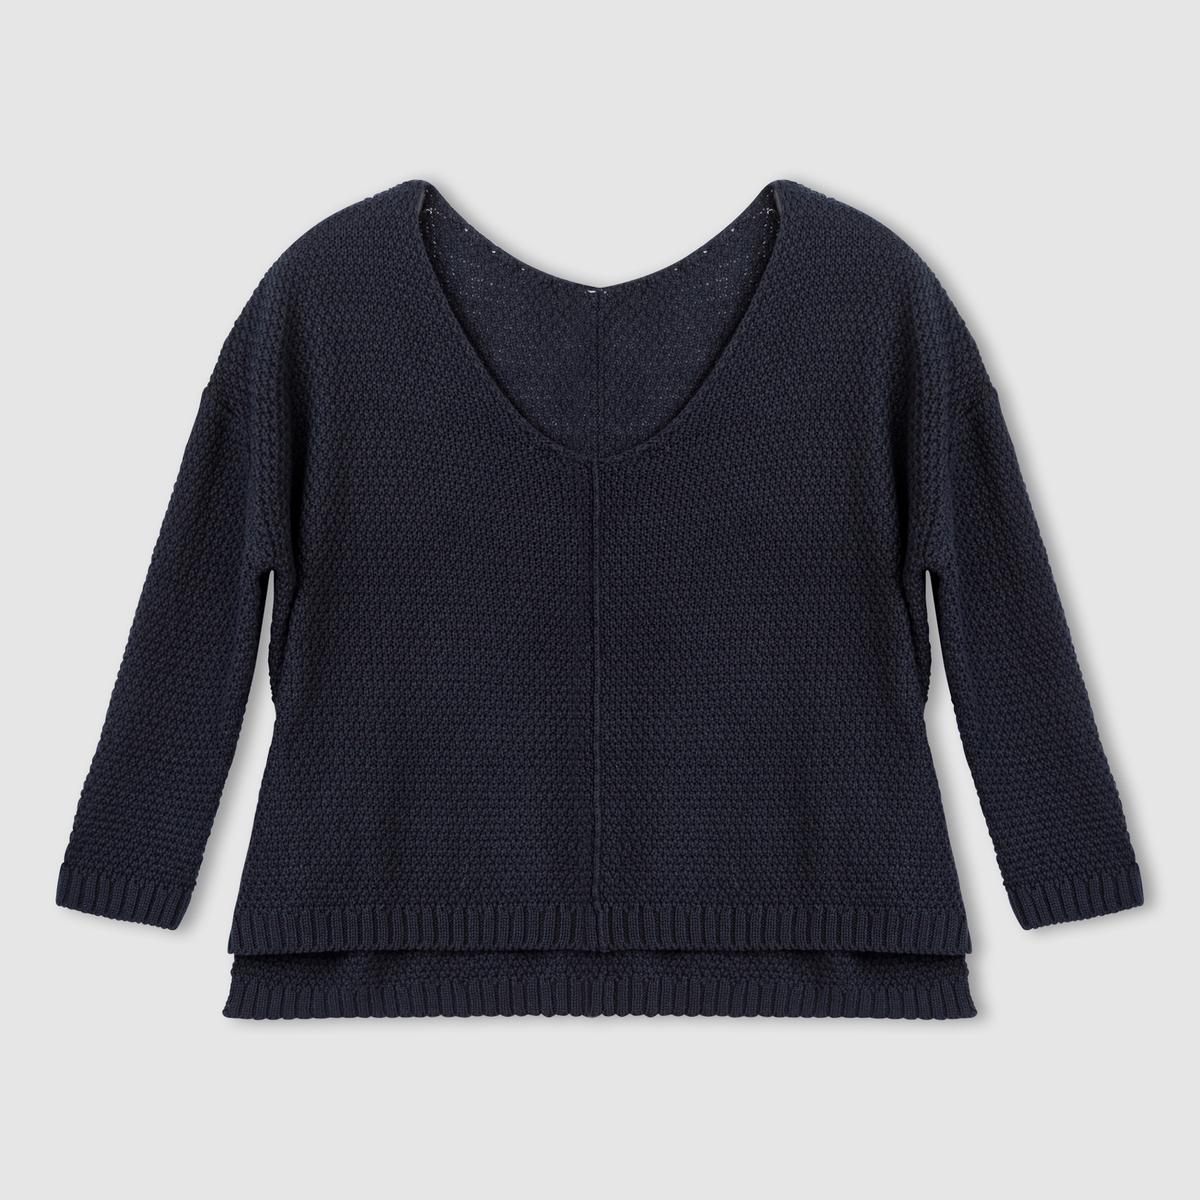 Пуловер широкого покрояПуловер широкого покроя, 50% хлопка, 50% акрила. Пуловер сV-образным вырезом.Длинные рукава.Шов посередине спереди.Разрезы по бокам.Немного длиннее сзади.Низ украшен крупными бороздами, декоративная стежка.Края связаны в рубчик.Длина 60 см.<br><br>Цвет: синий морской<br>Размер: 34/36 (FR) - 40/42 (RUS)